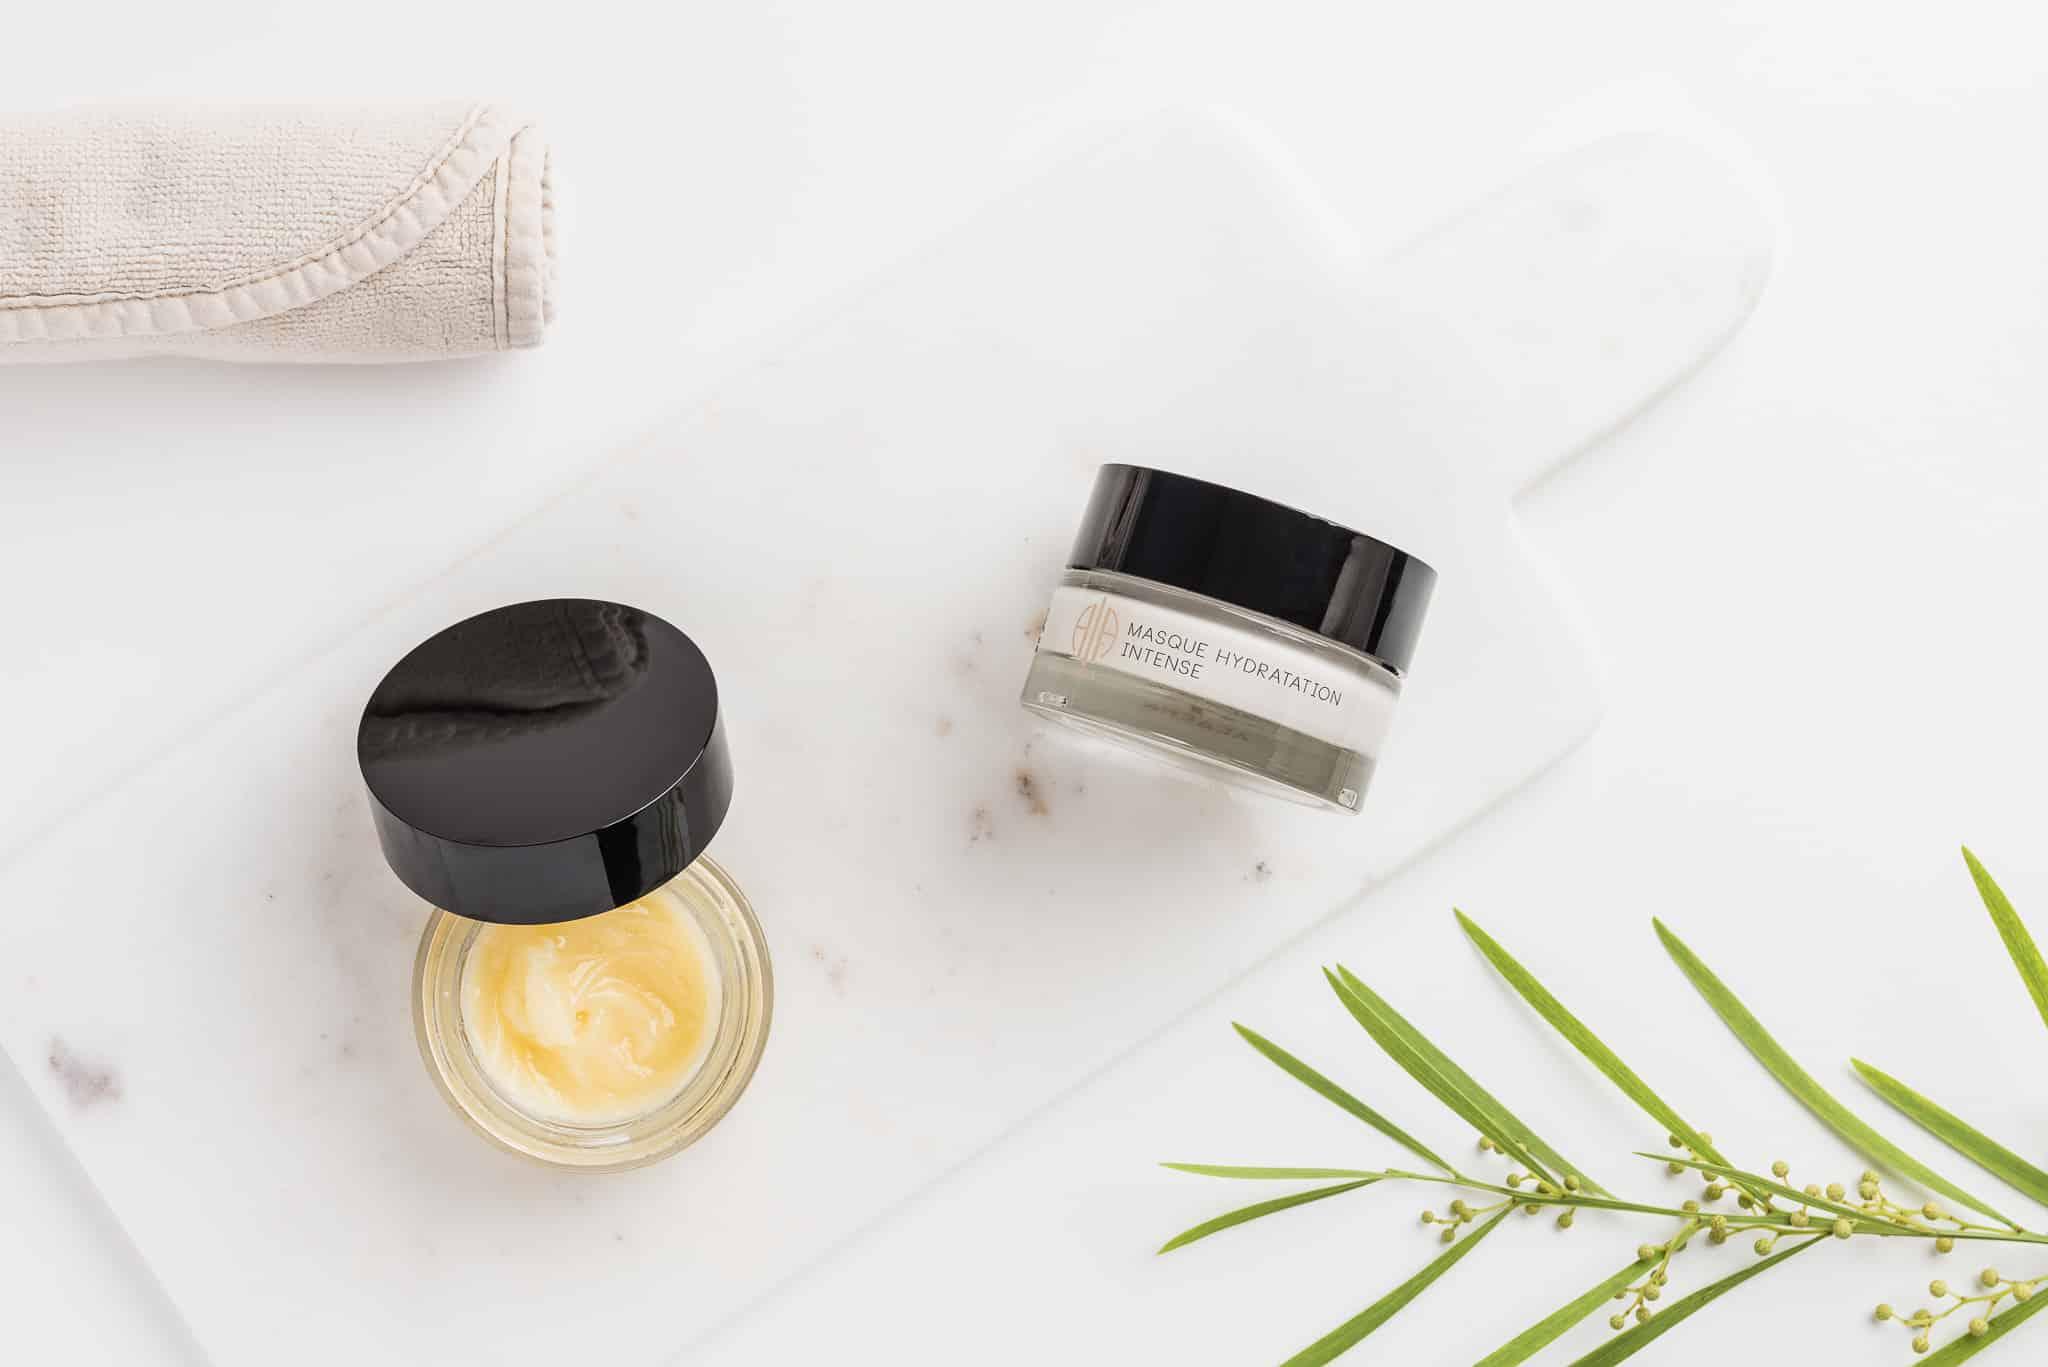 Produit cosmétique bio naturel Alena à Biarritz